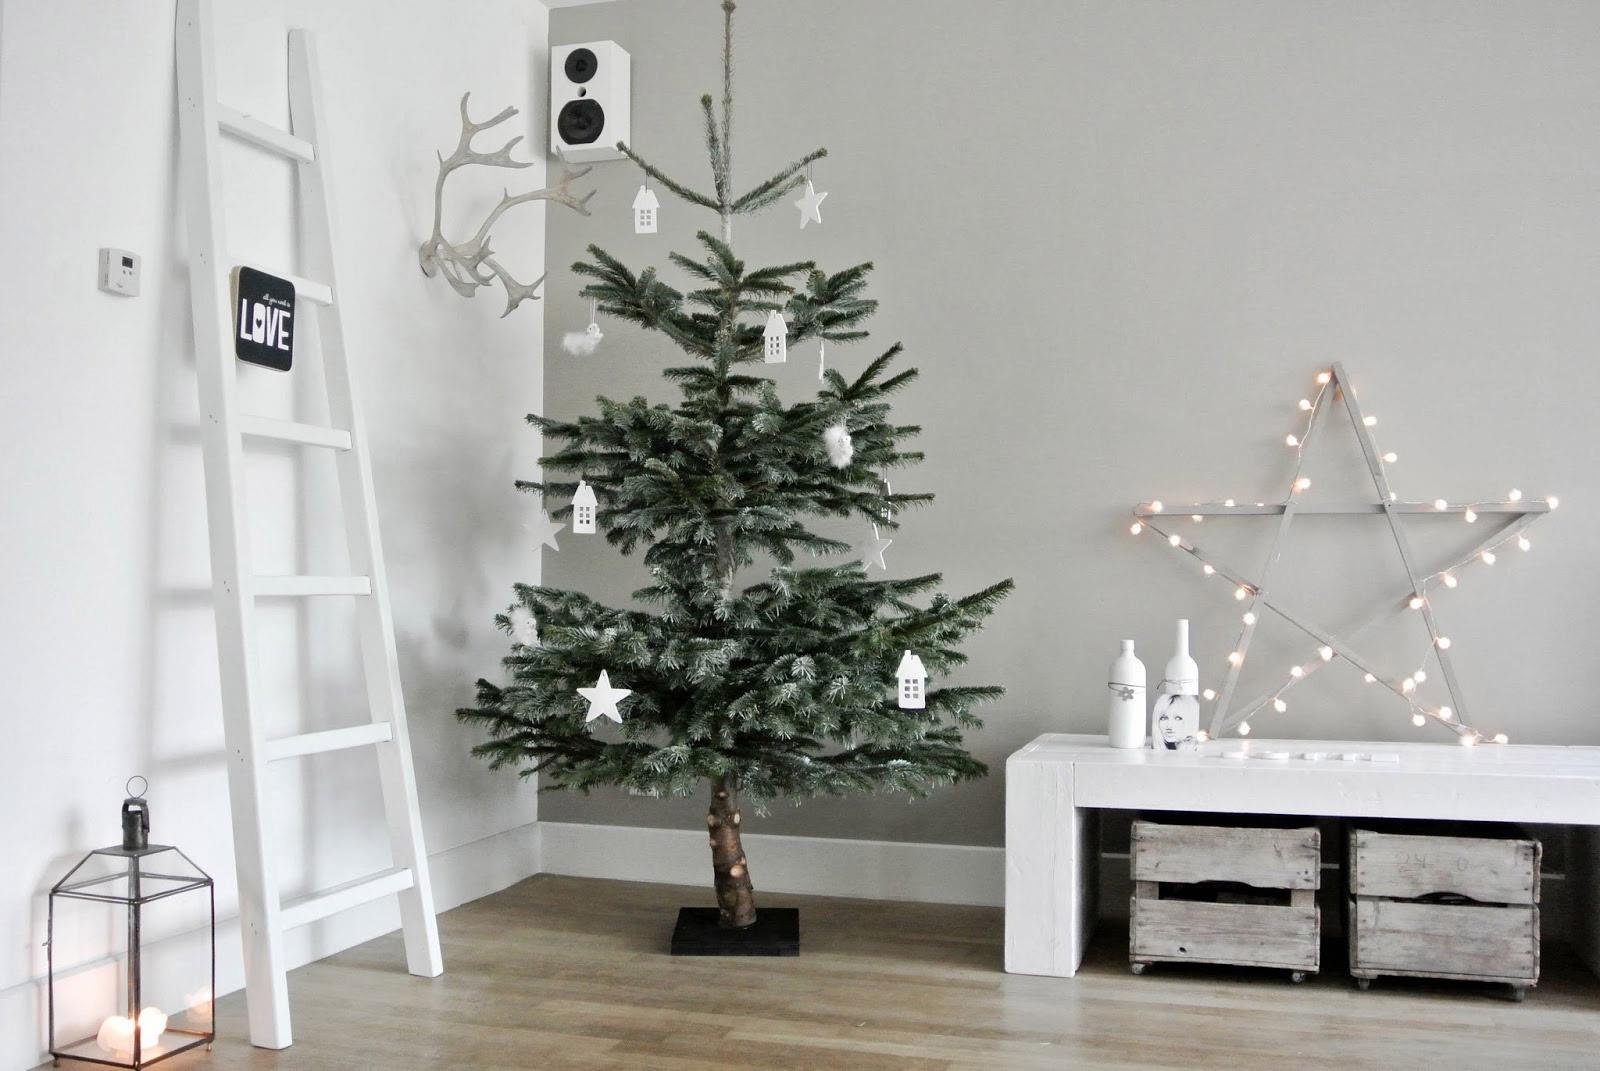 Emejing Wohnzimmer Deko Weihnachten Gallery - House Design Ideas ...